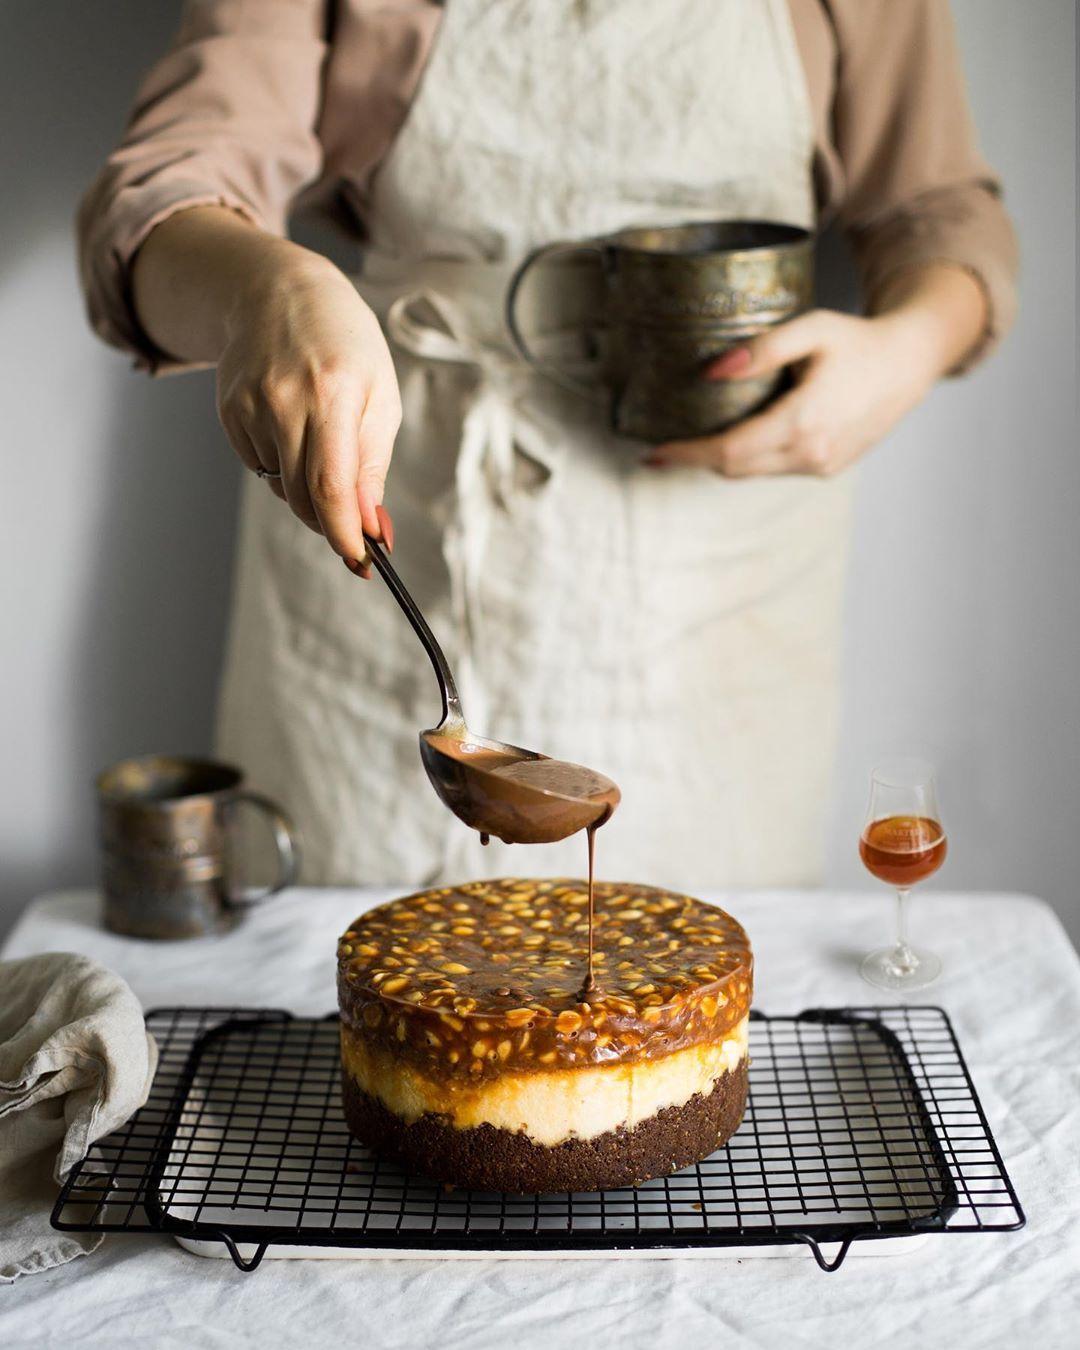 宠物-这位漂亮的美女蛋糕师,让猫咪来为蛋糕代言,将平淡无奇的蛋糕化腐朽为神奇(20)